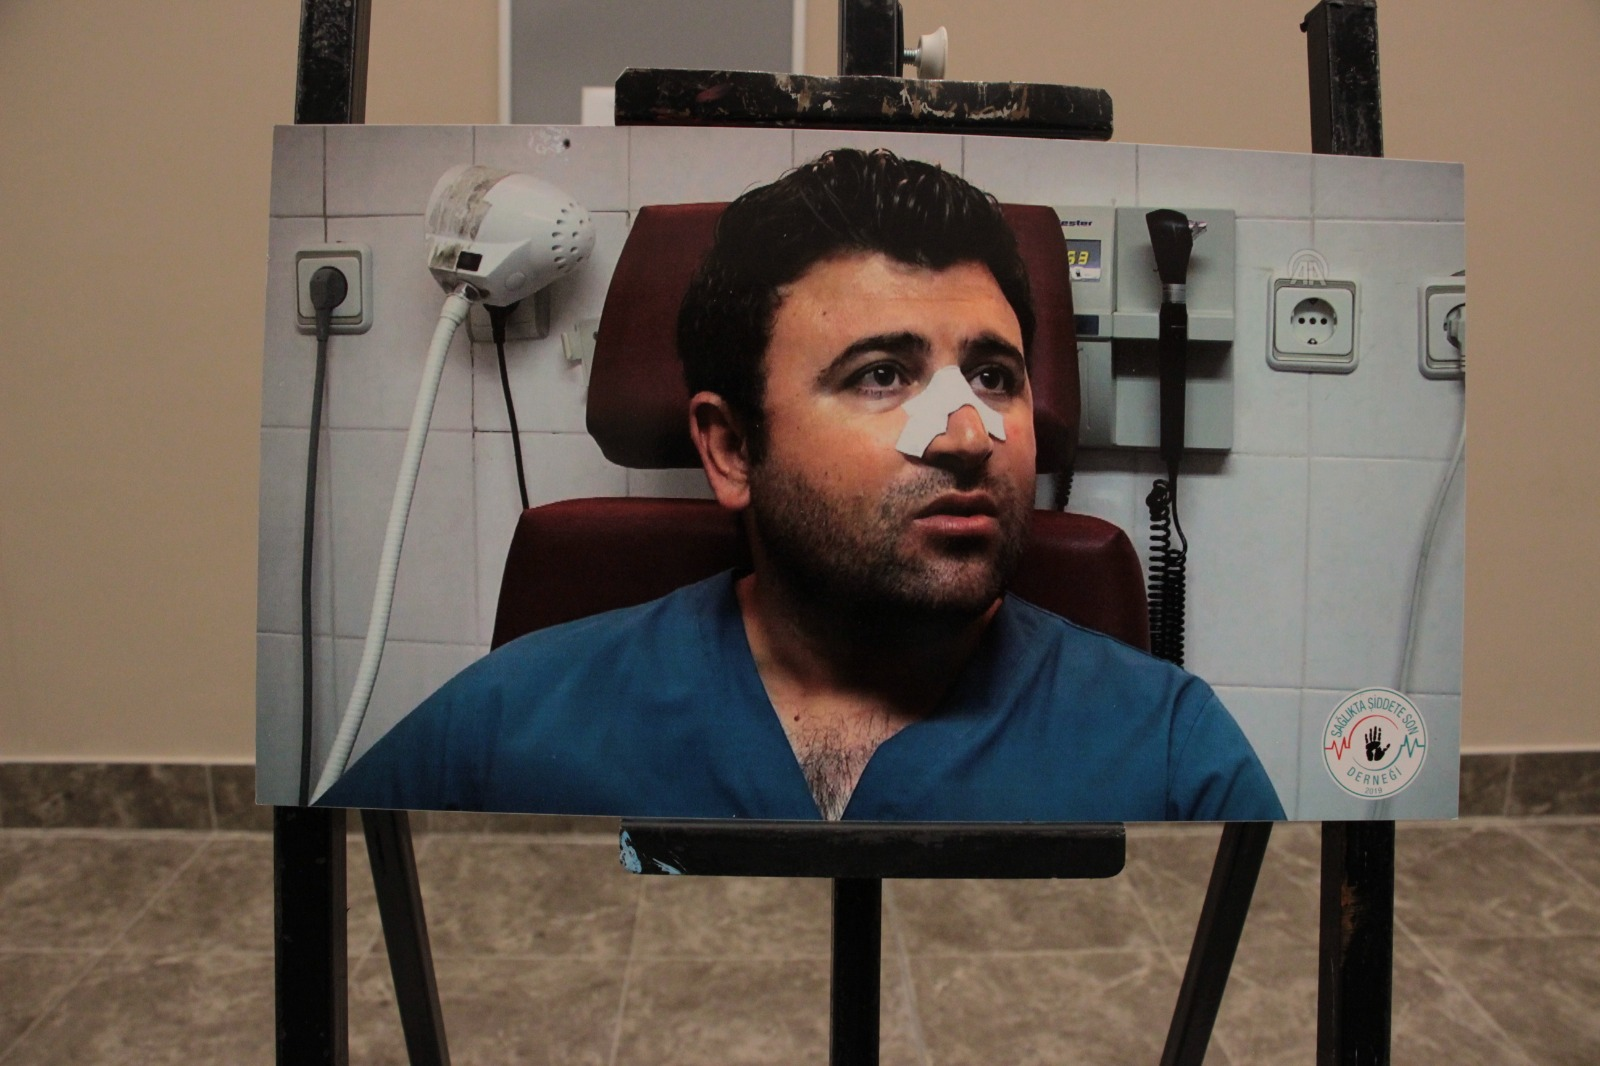 Türk Sağlık Sen Elazığ Şubesi olarak Sağlıkta yaşanılan şiddete dikkat çekmek ve yaşanılan şiddet konusunda farkındalık oluşturmak amacıyla Sağlıkta Şiddet Sona ERSİN fotoğraf sergisi düzenlendi.